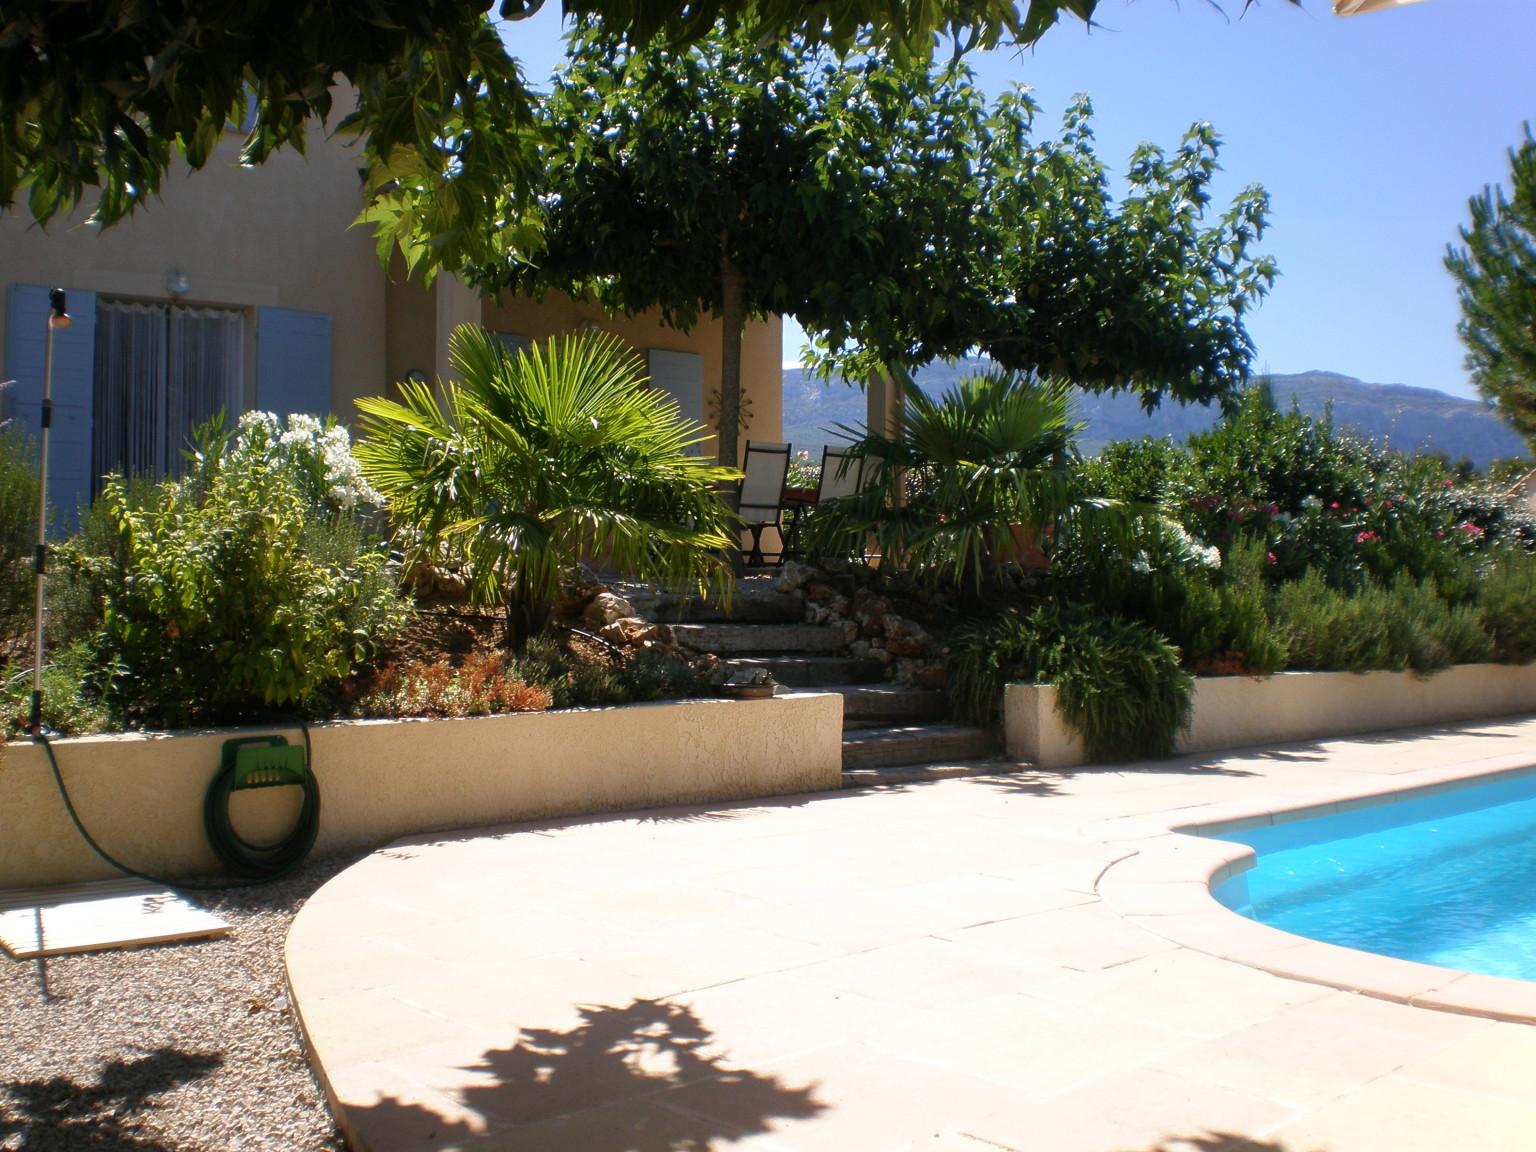 Zwembad en tuin met terras villa chouette - Zwembad in het terras ...